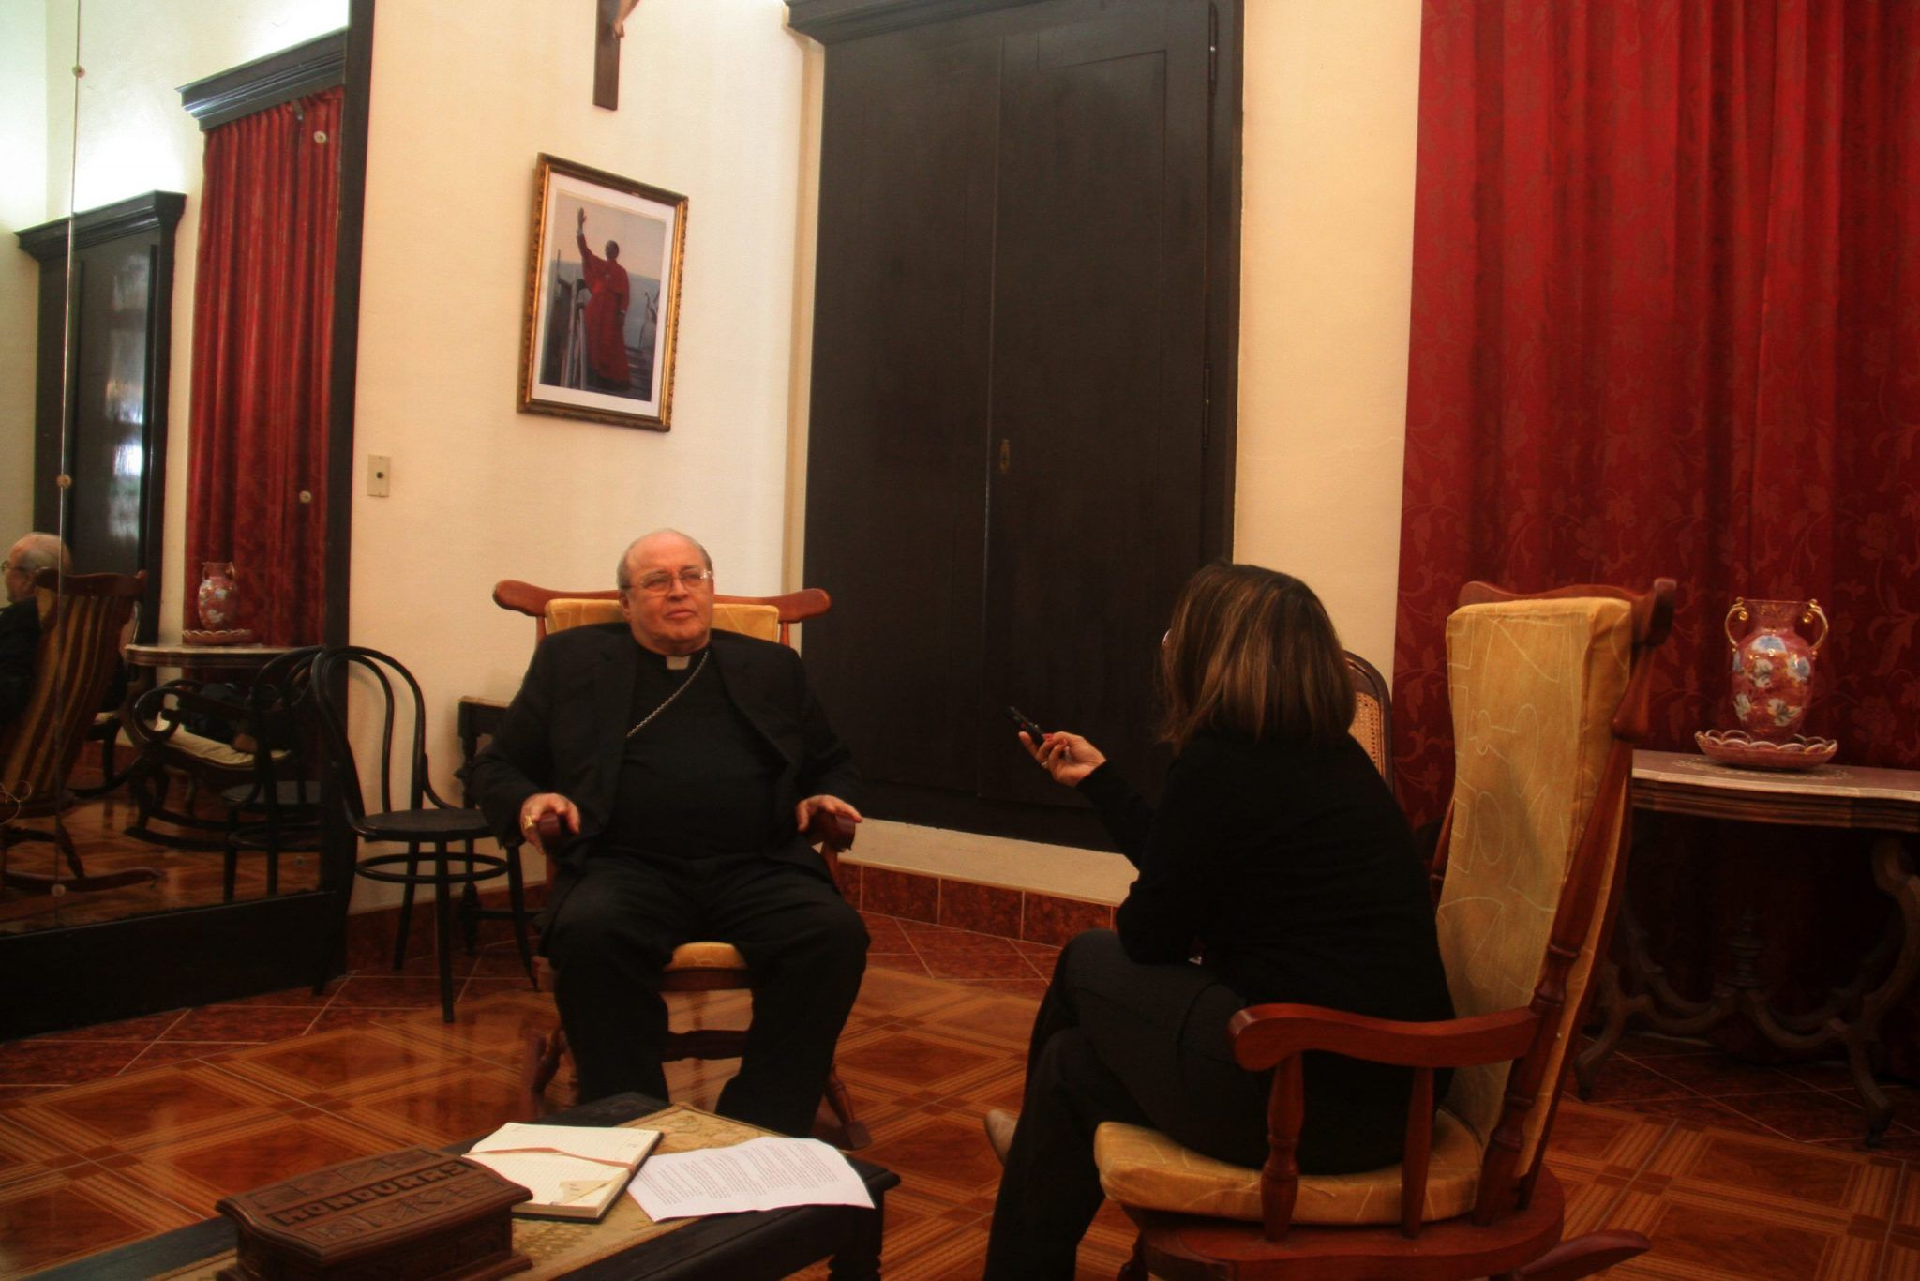 Entrevista al cardenal Jaime Ortega publicada por Palabra Nueva en marzo de 2015